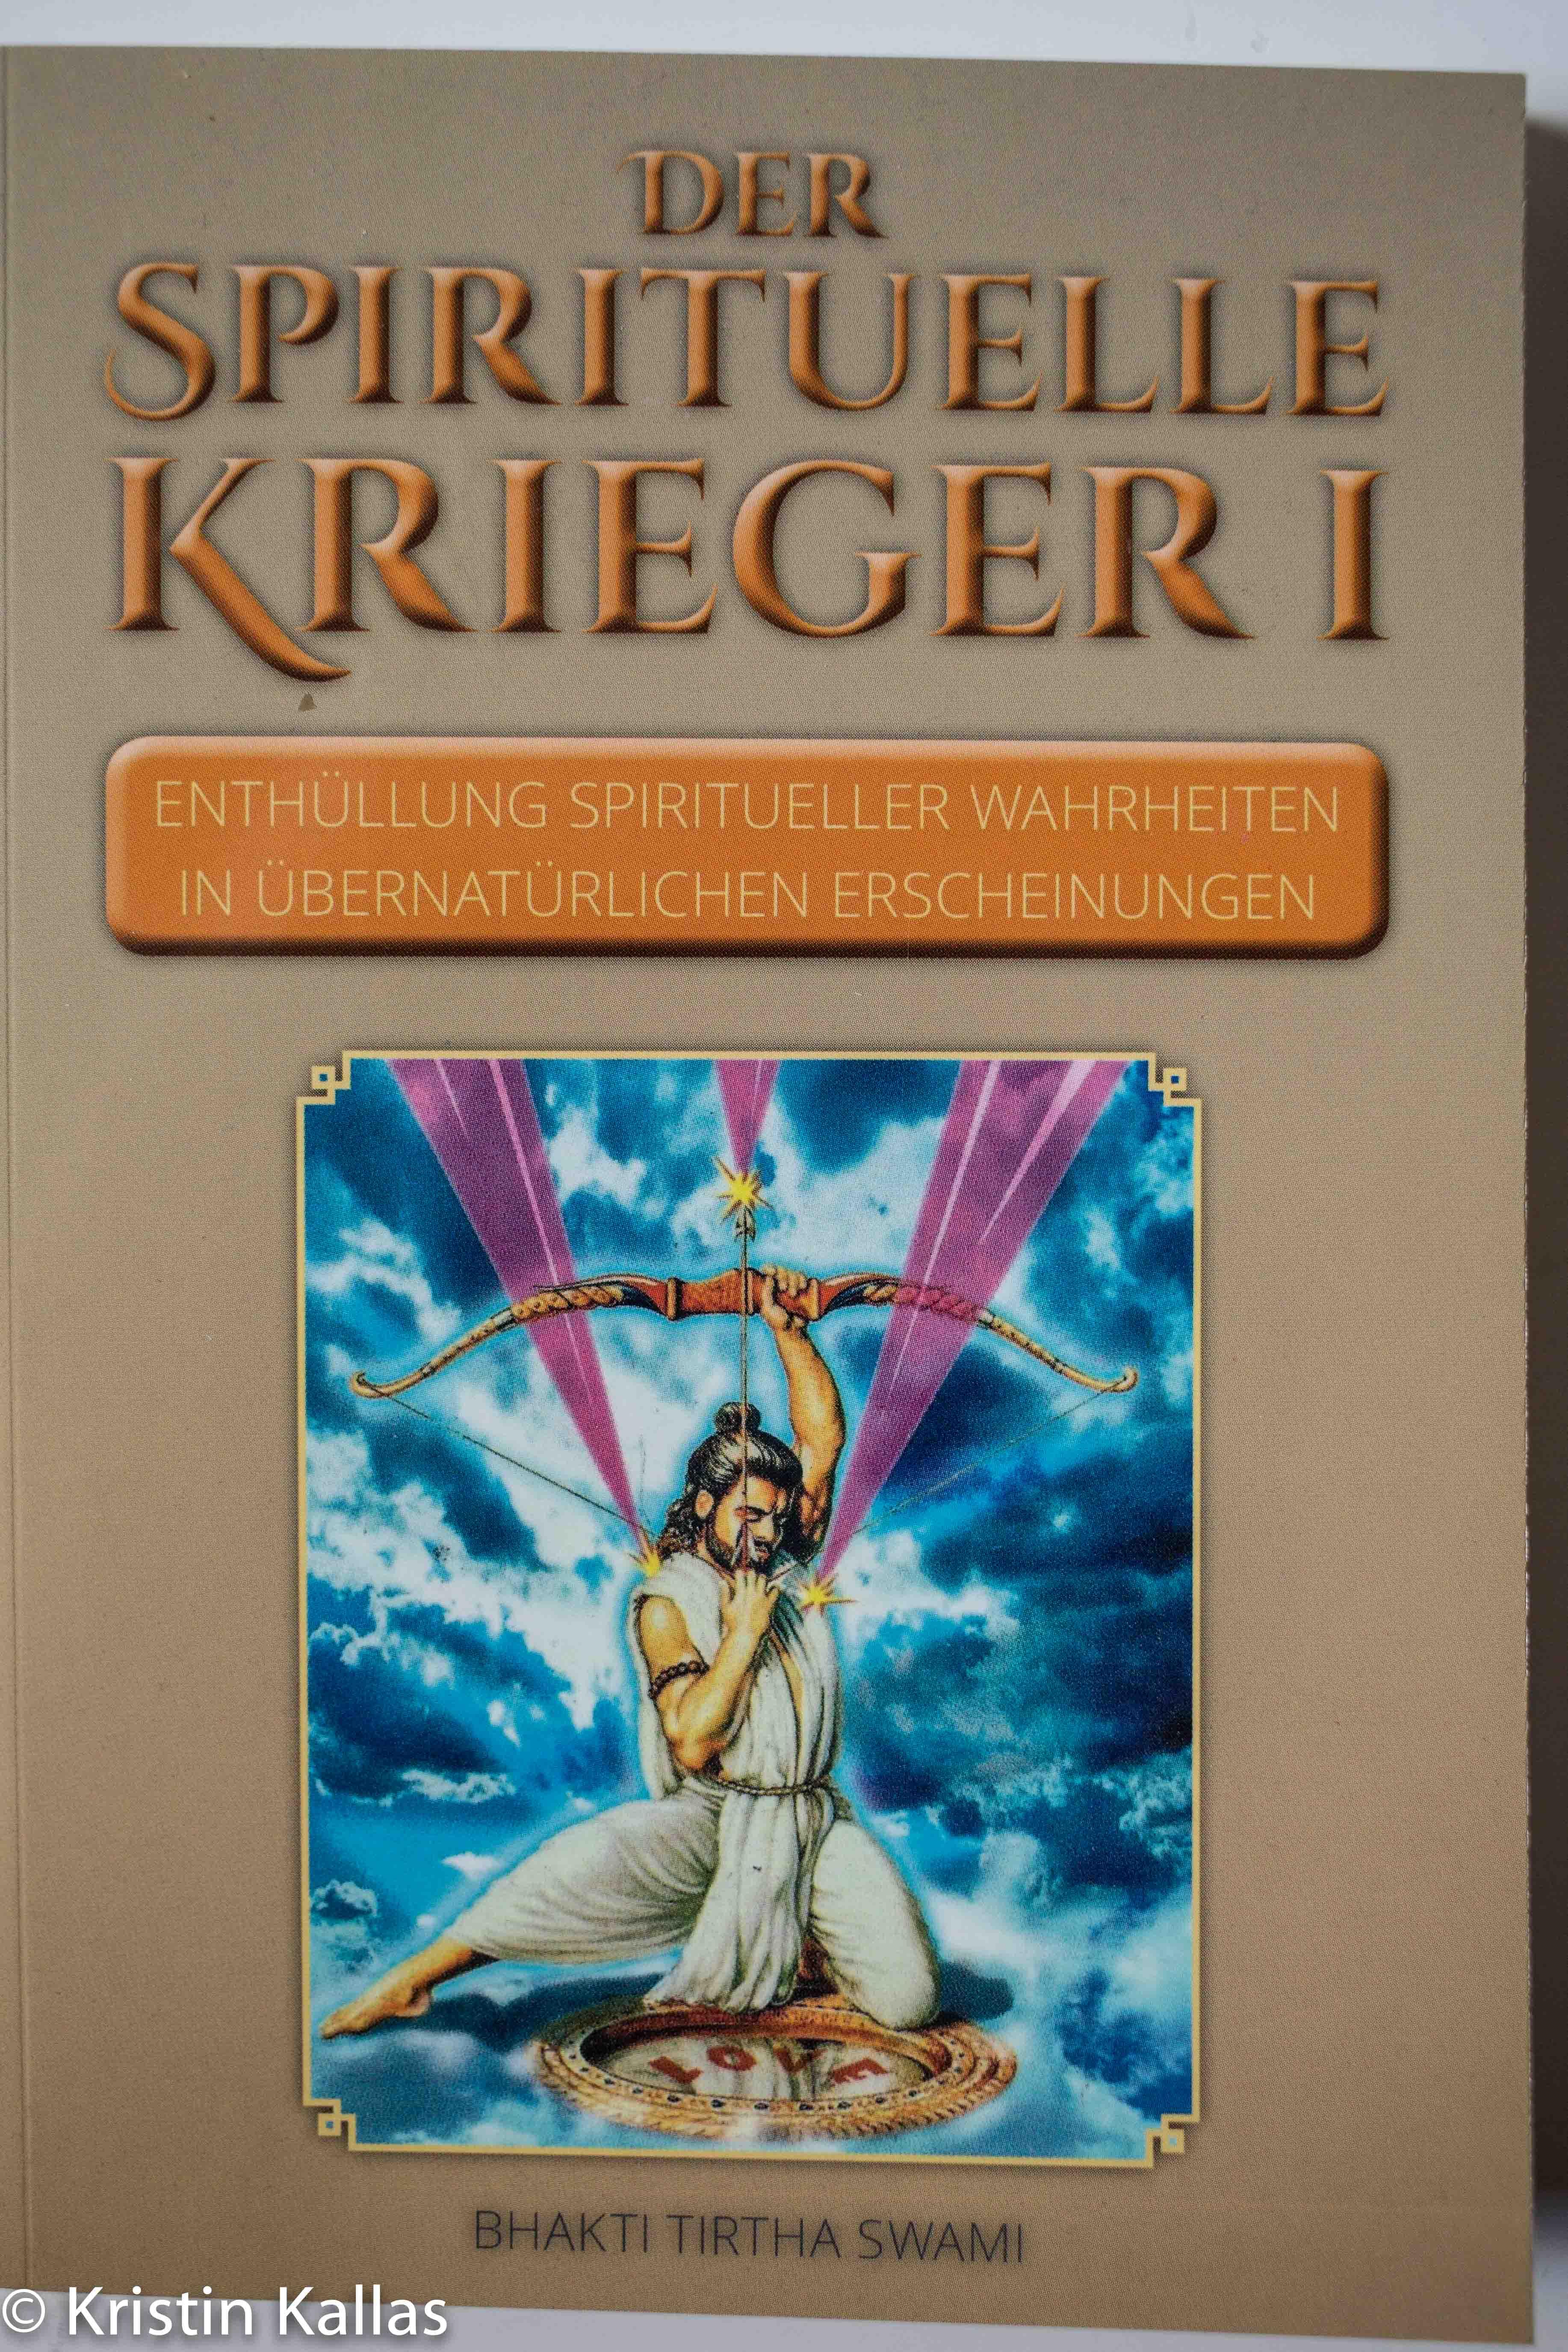 Der Spirituelle Krieger I